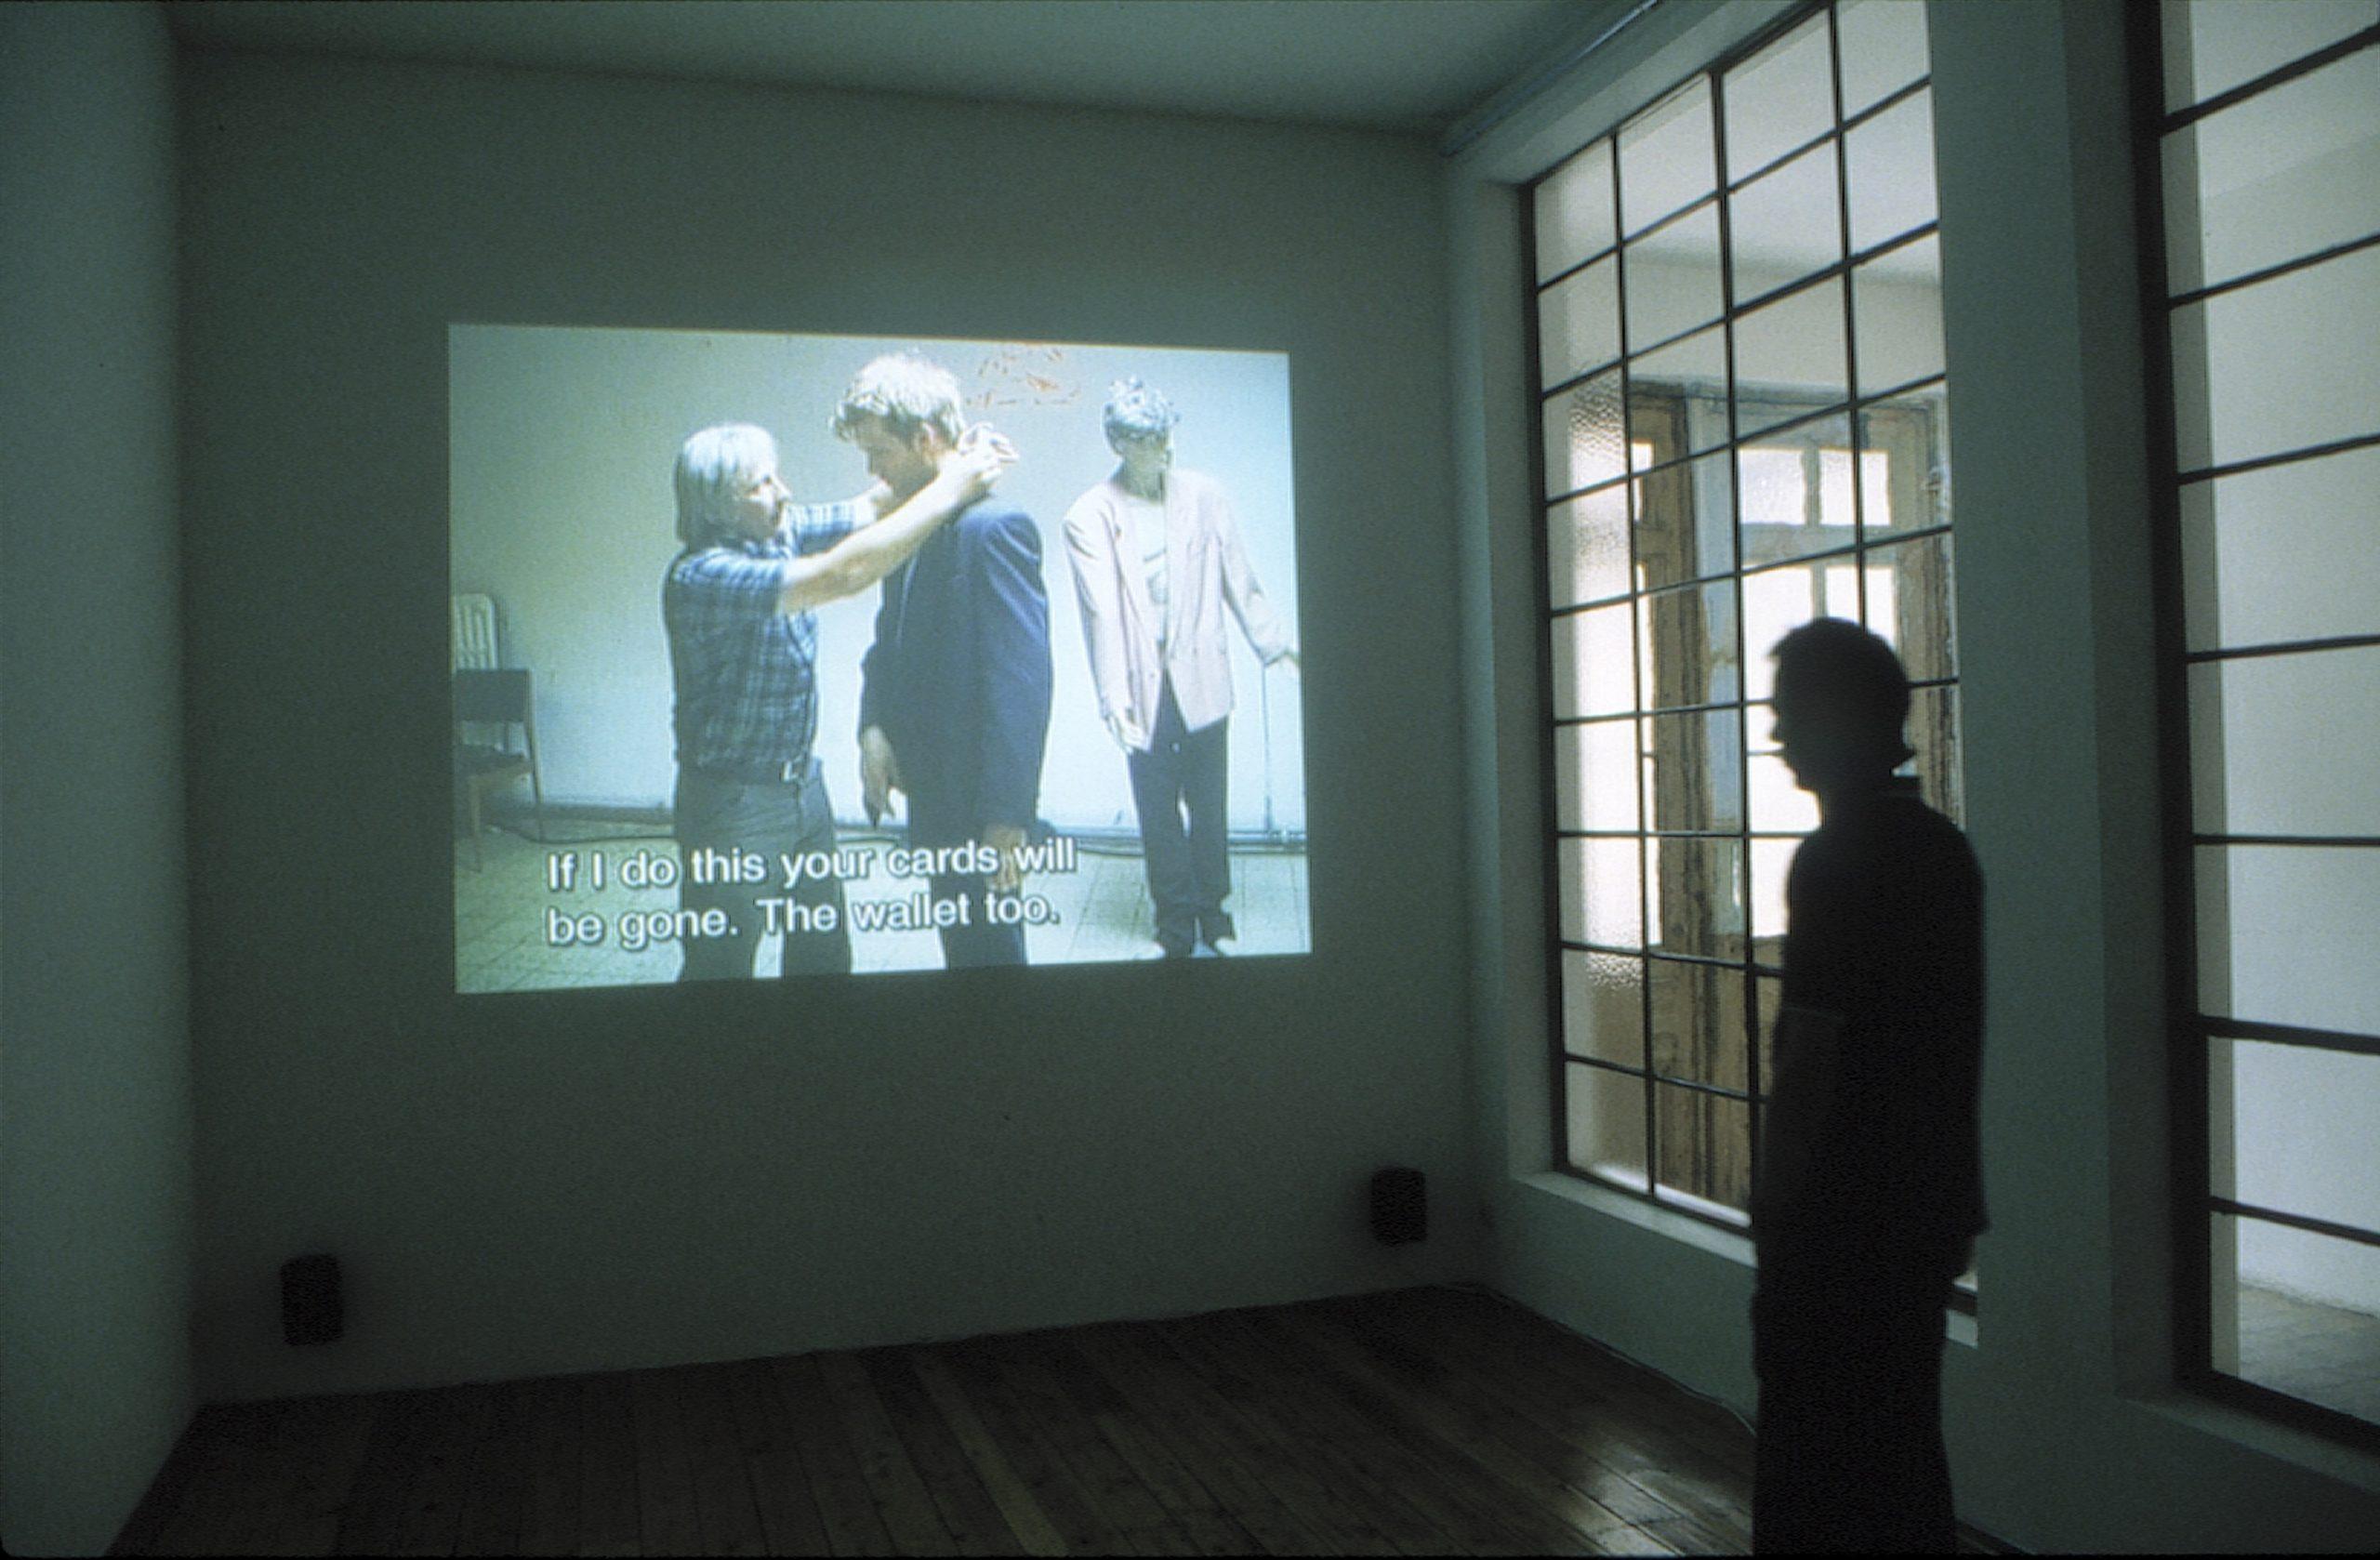 Sven Augustijnen, installation view at Jan Mot, 2001